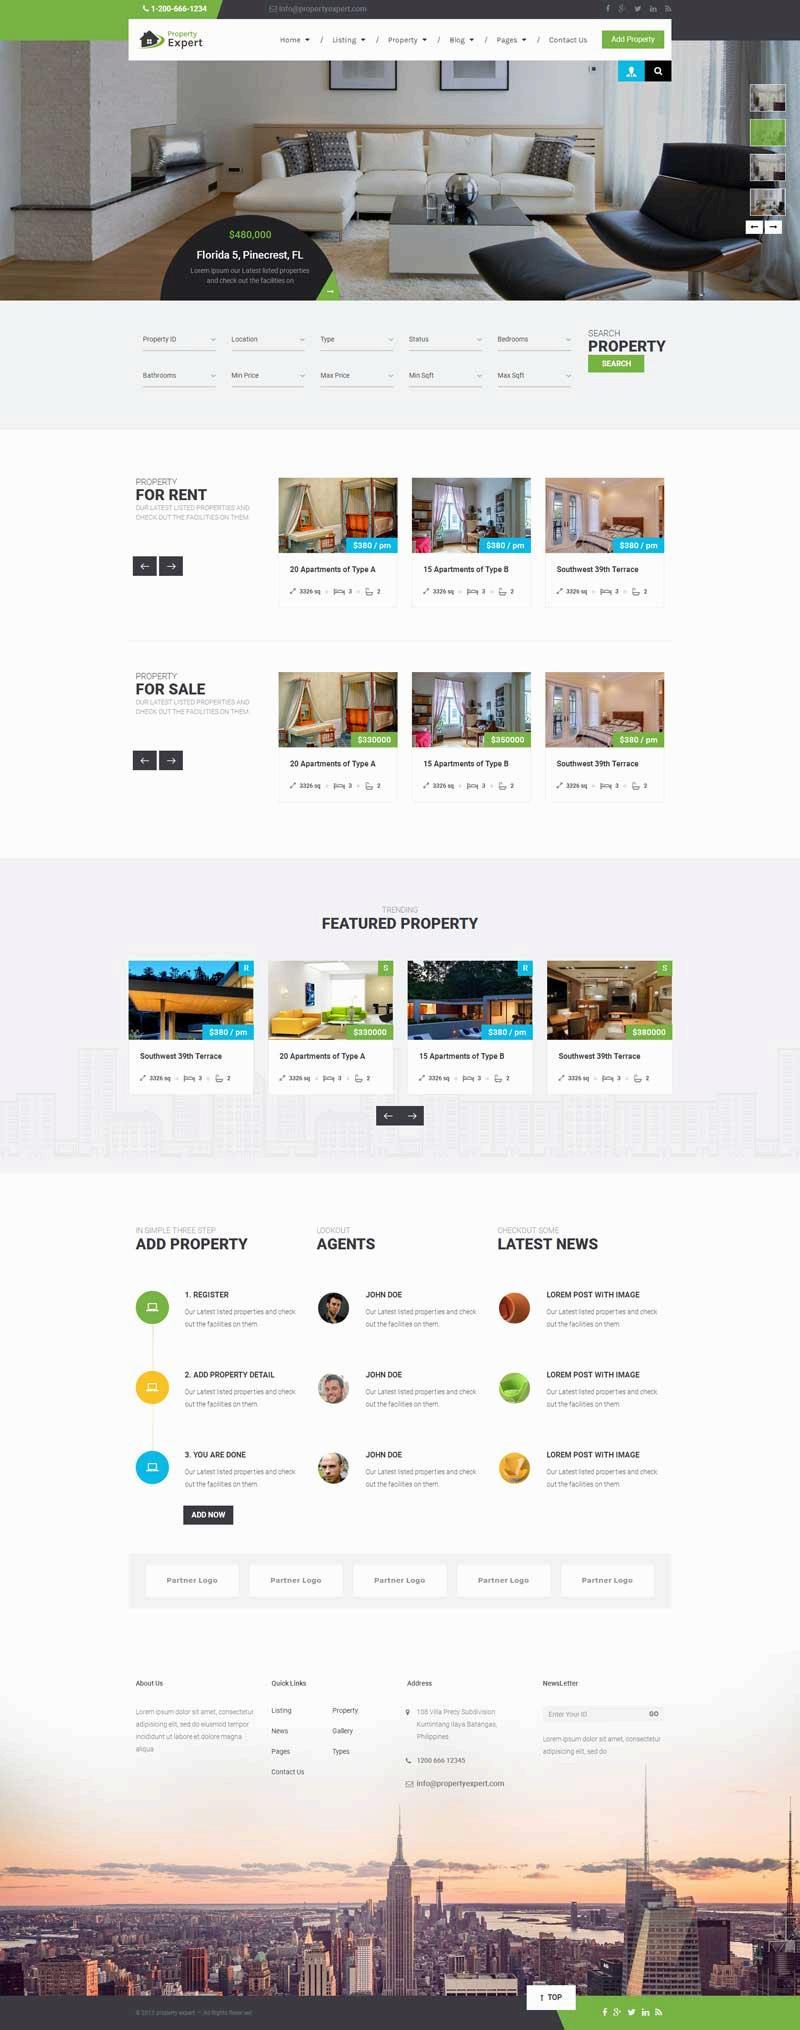 绿色的在线房产销售交易平台网站模板